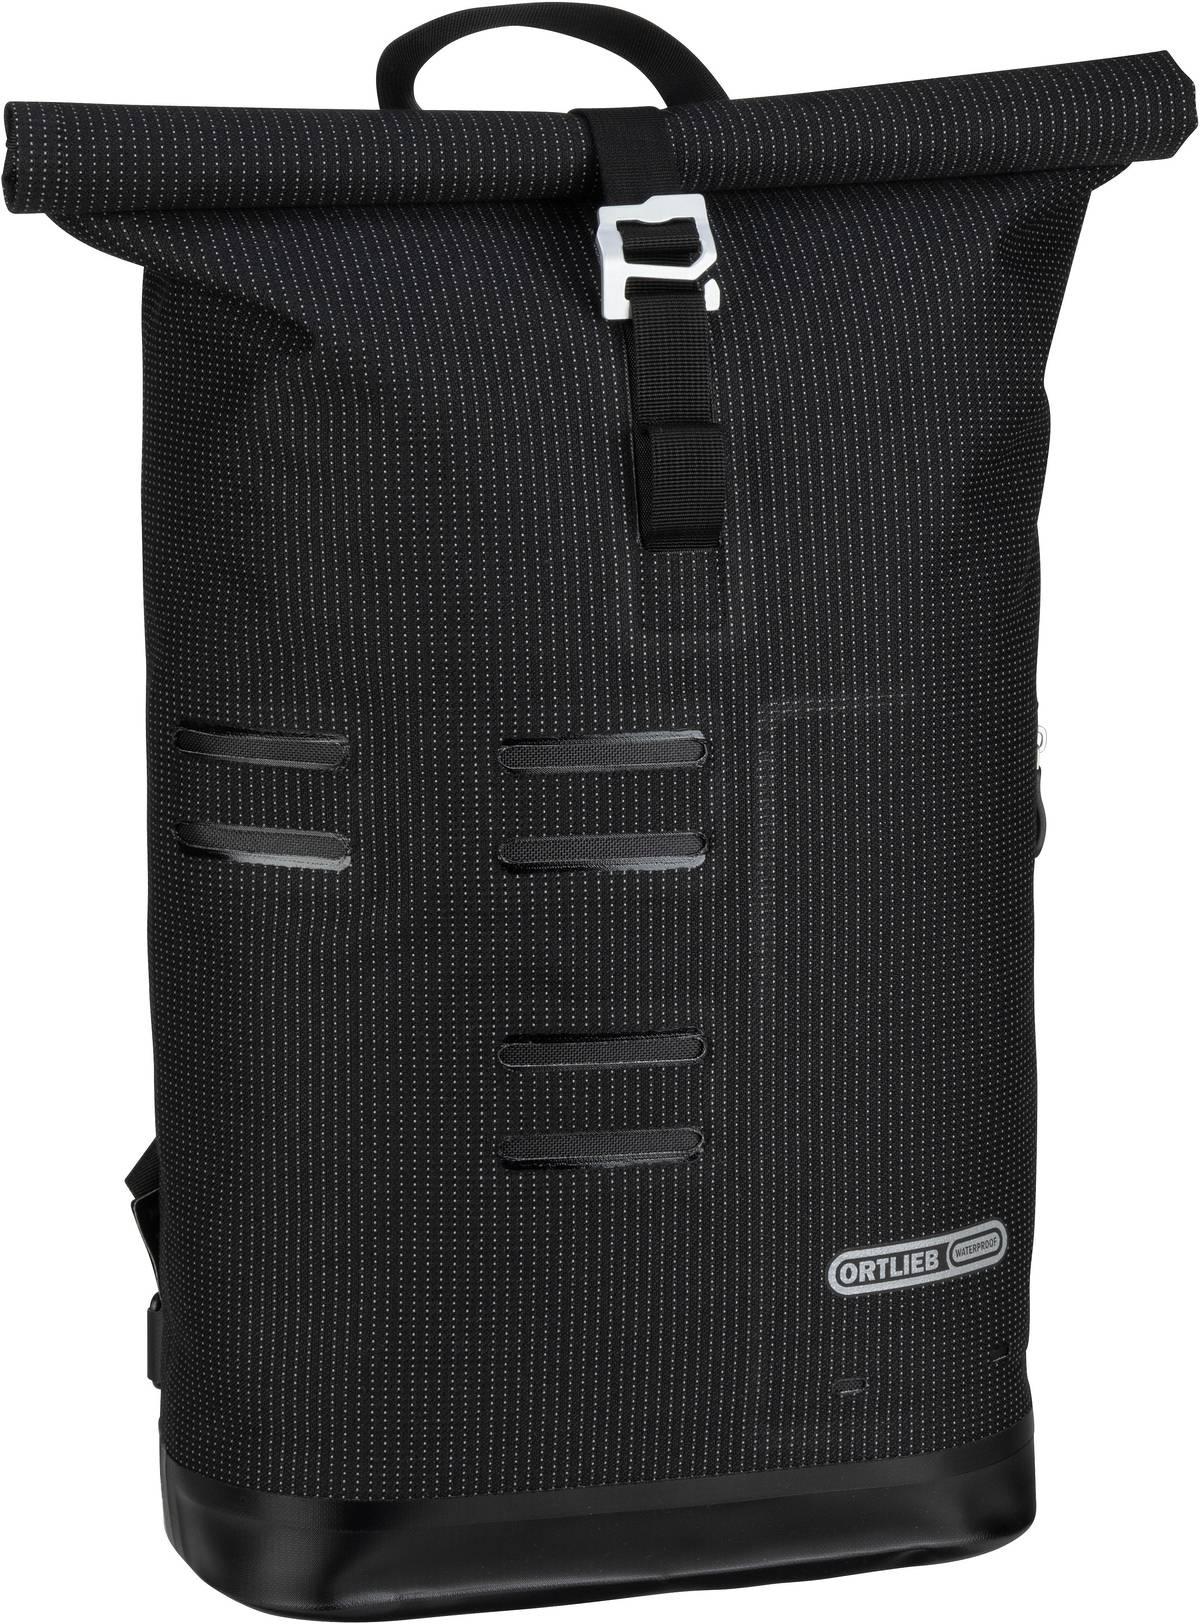 Rucksack / Daypack Commuter-Daypack High Visibility Schwarz Reflex (21 Liter)